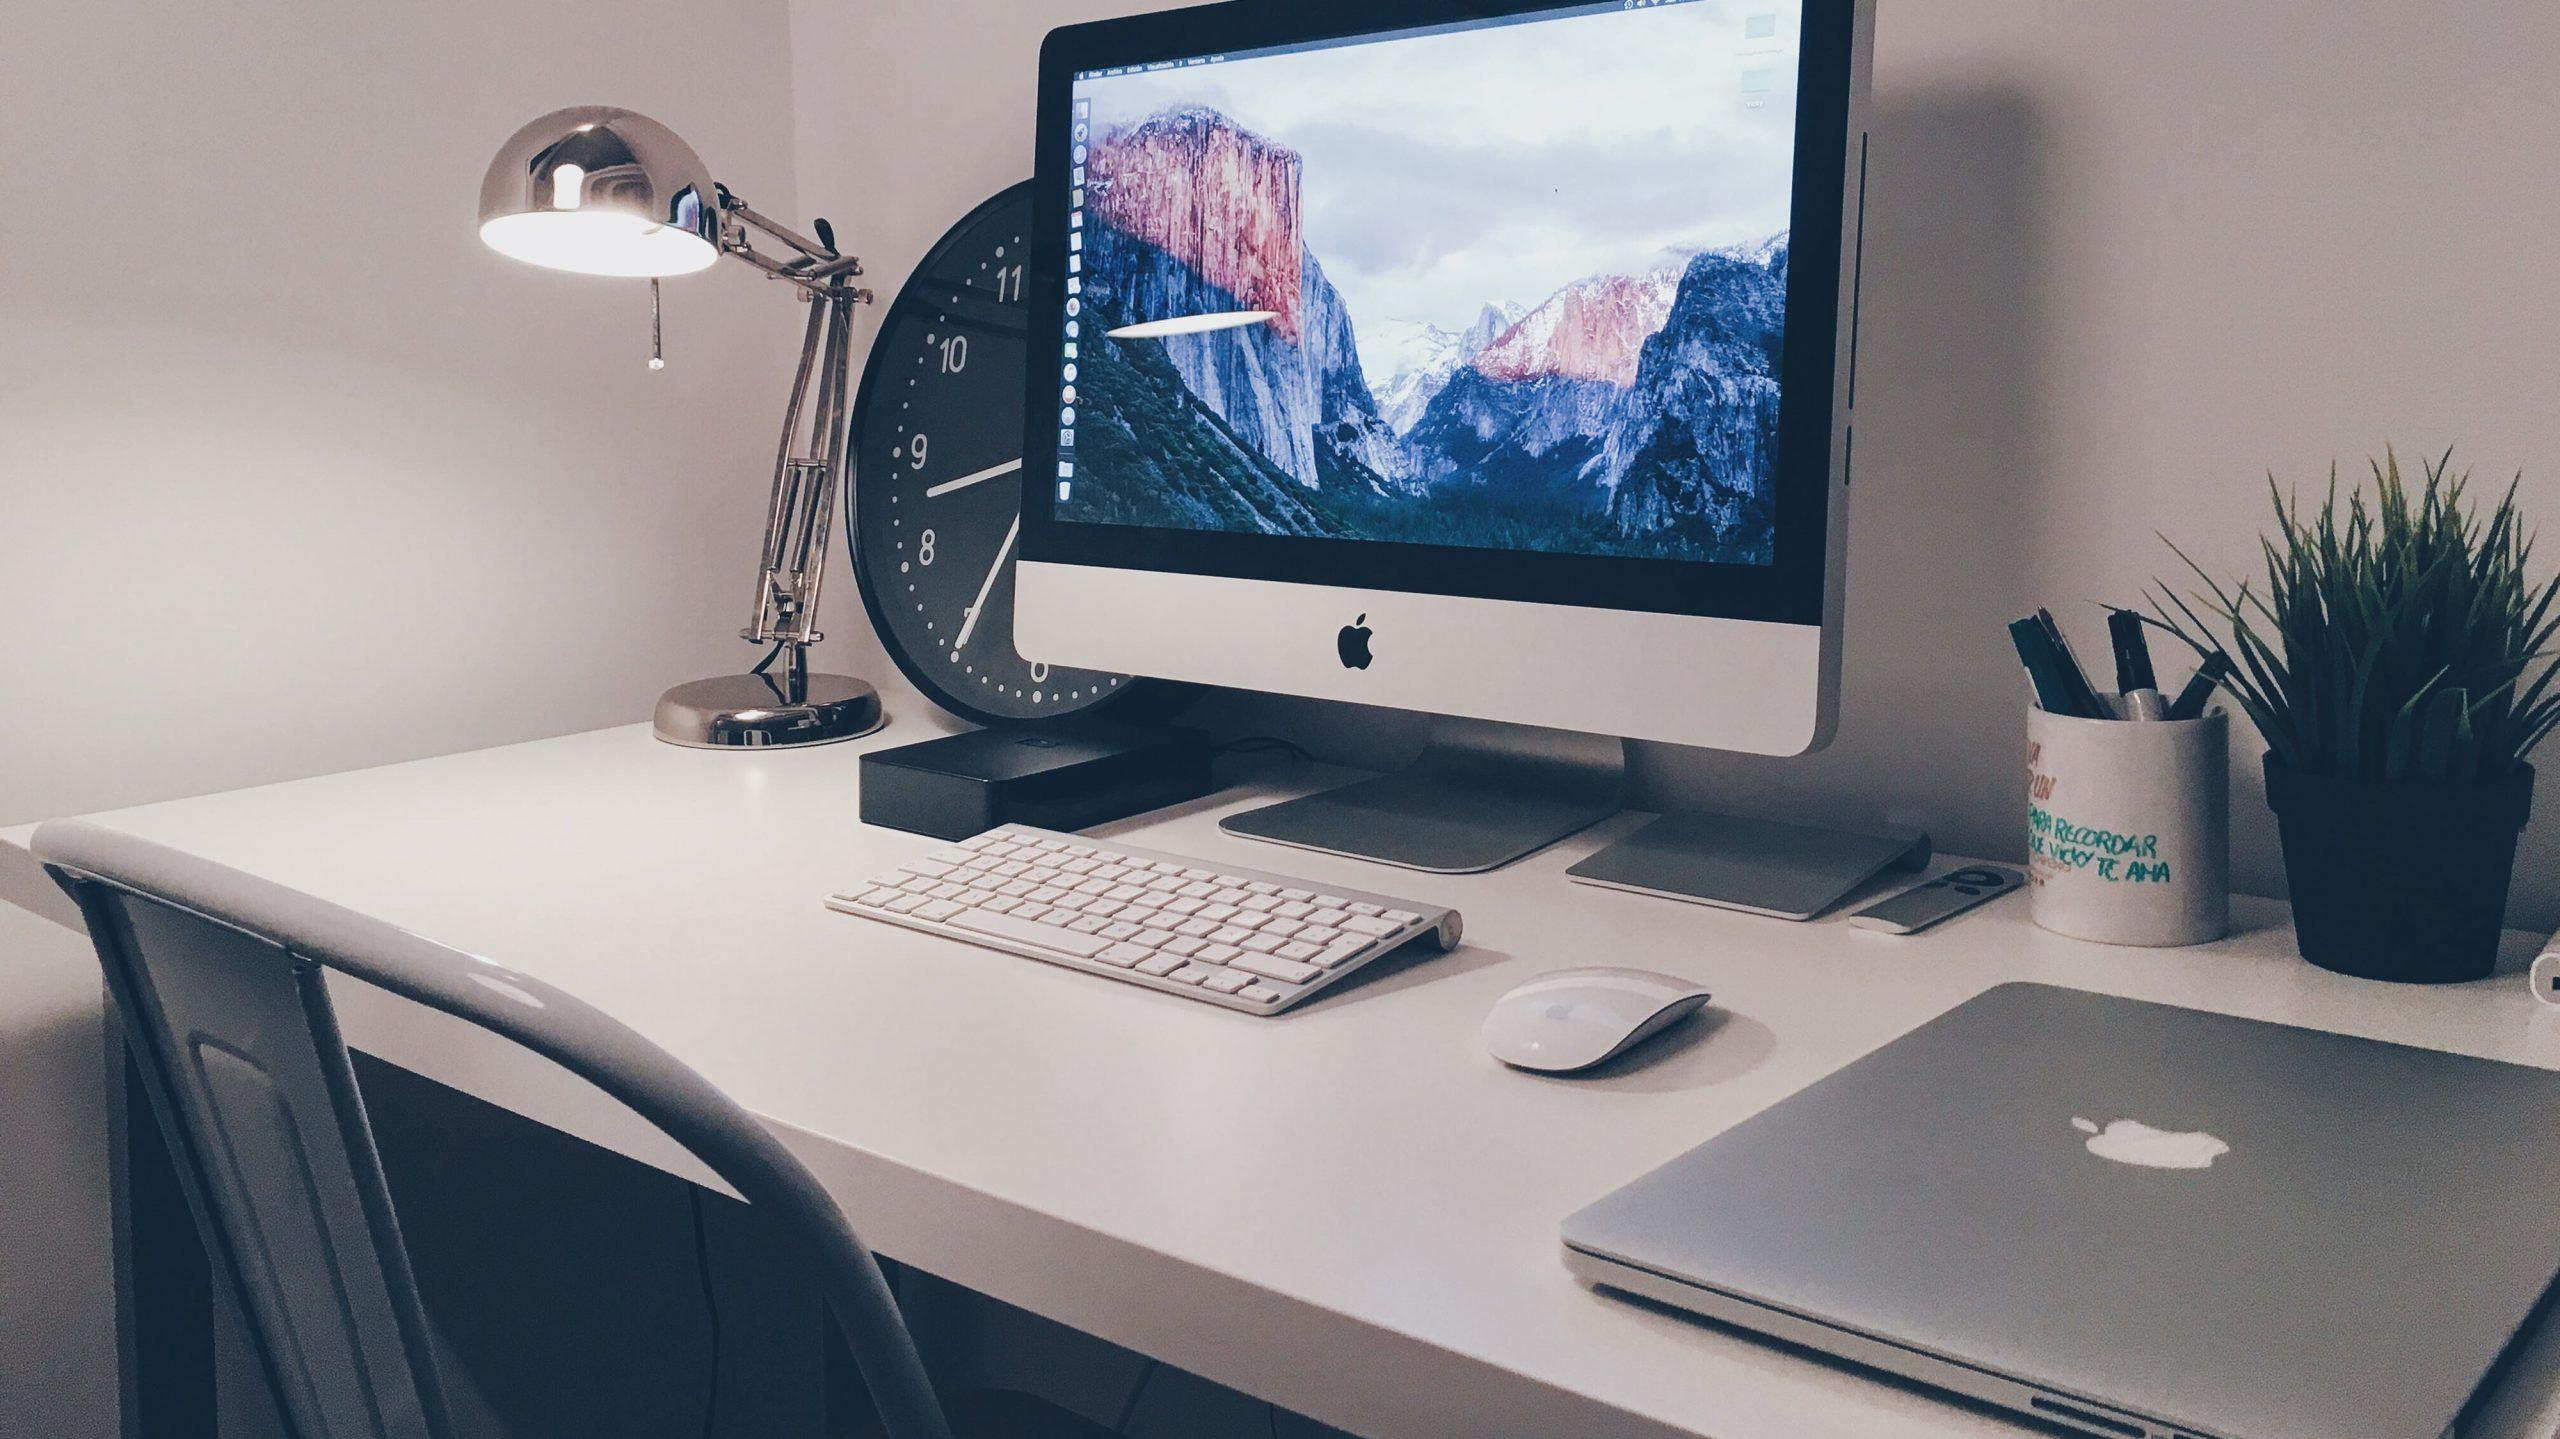 ¿Quieres equipar un despacho en casa para el teletrabajo? 4